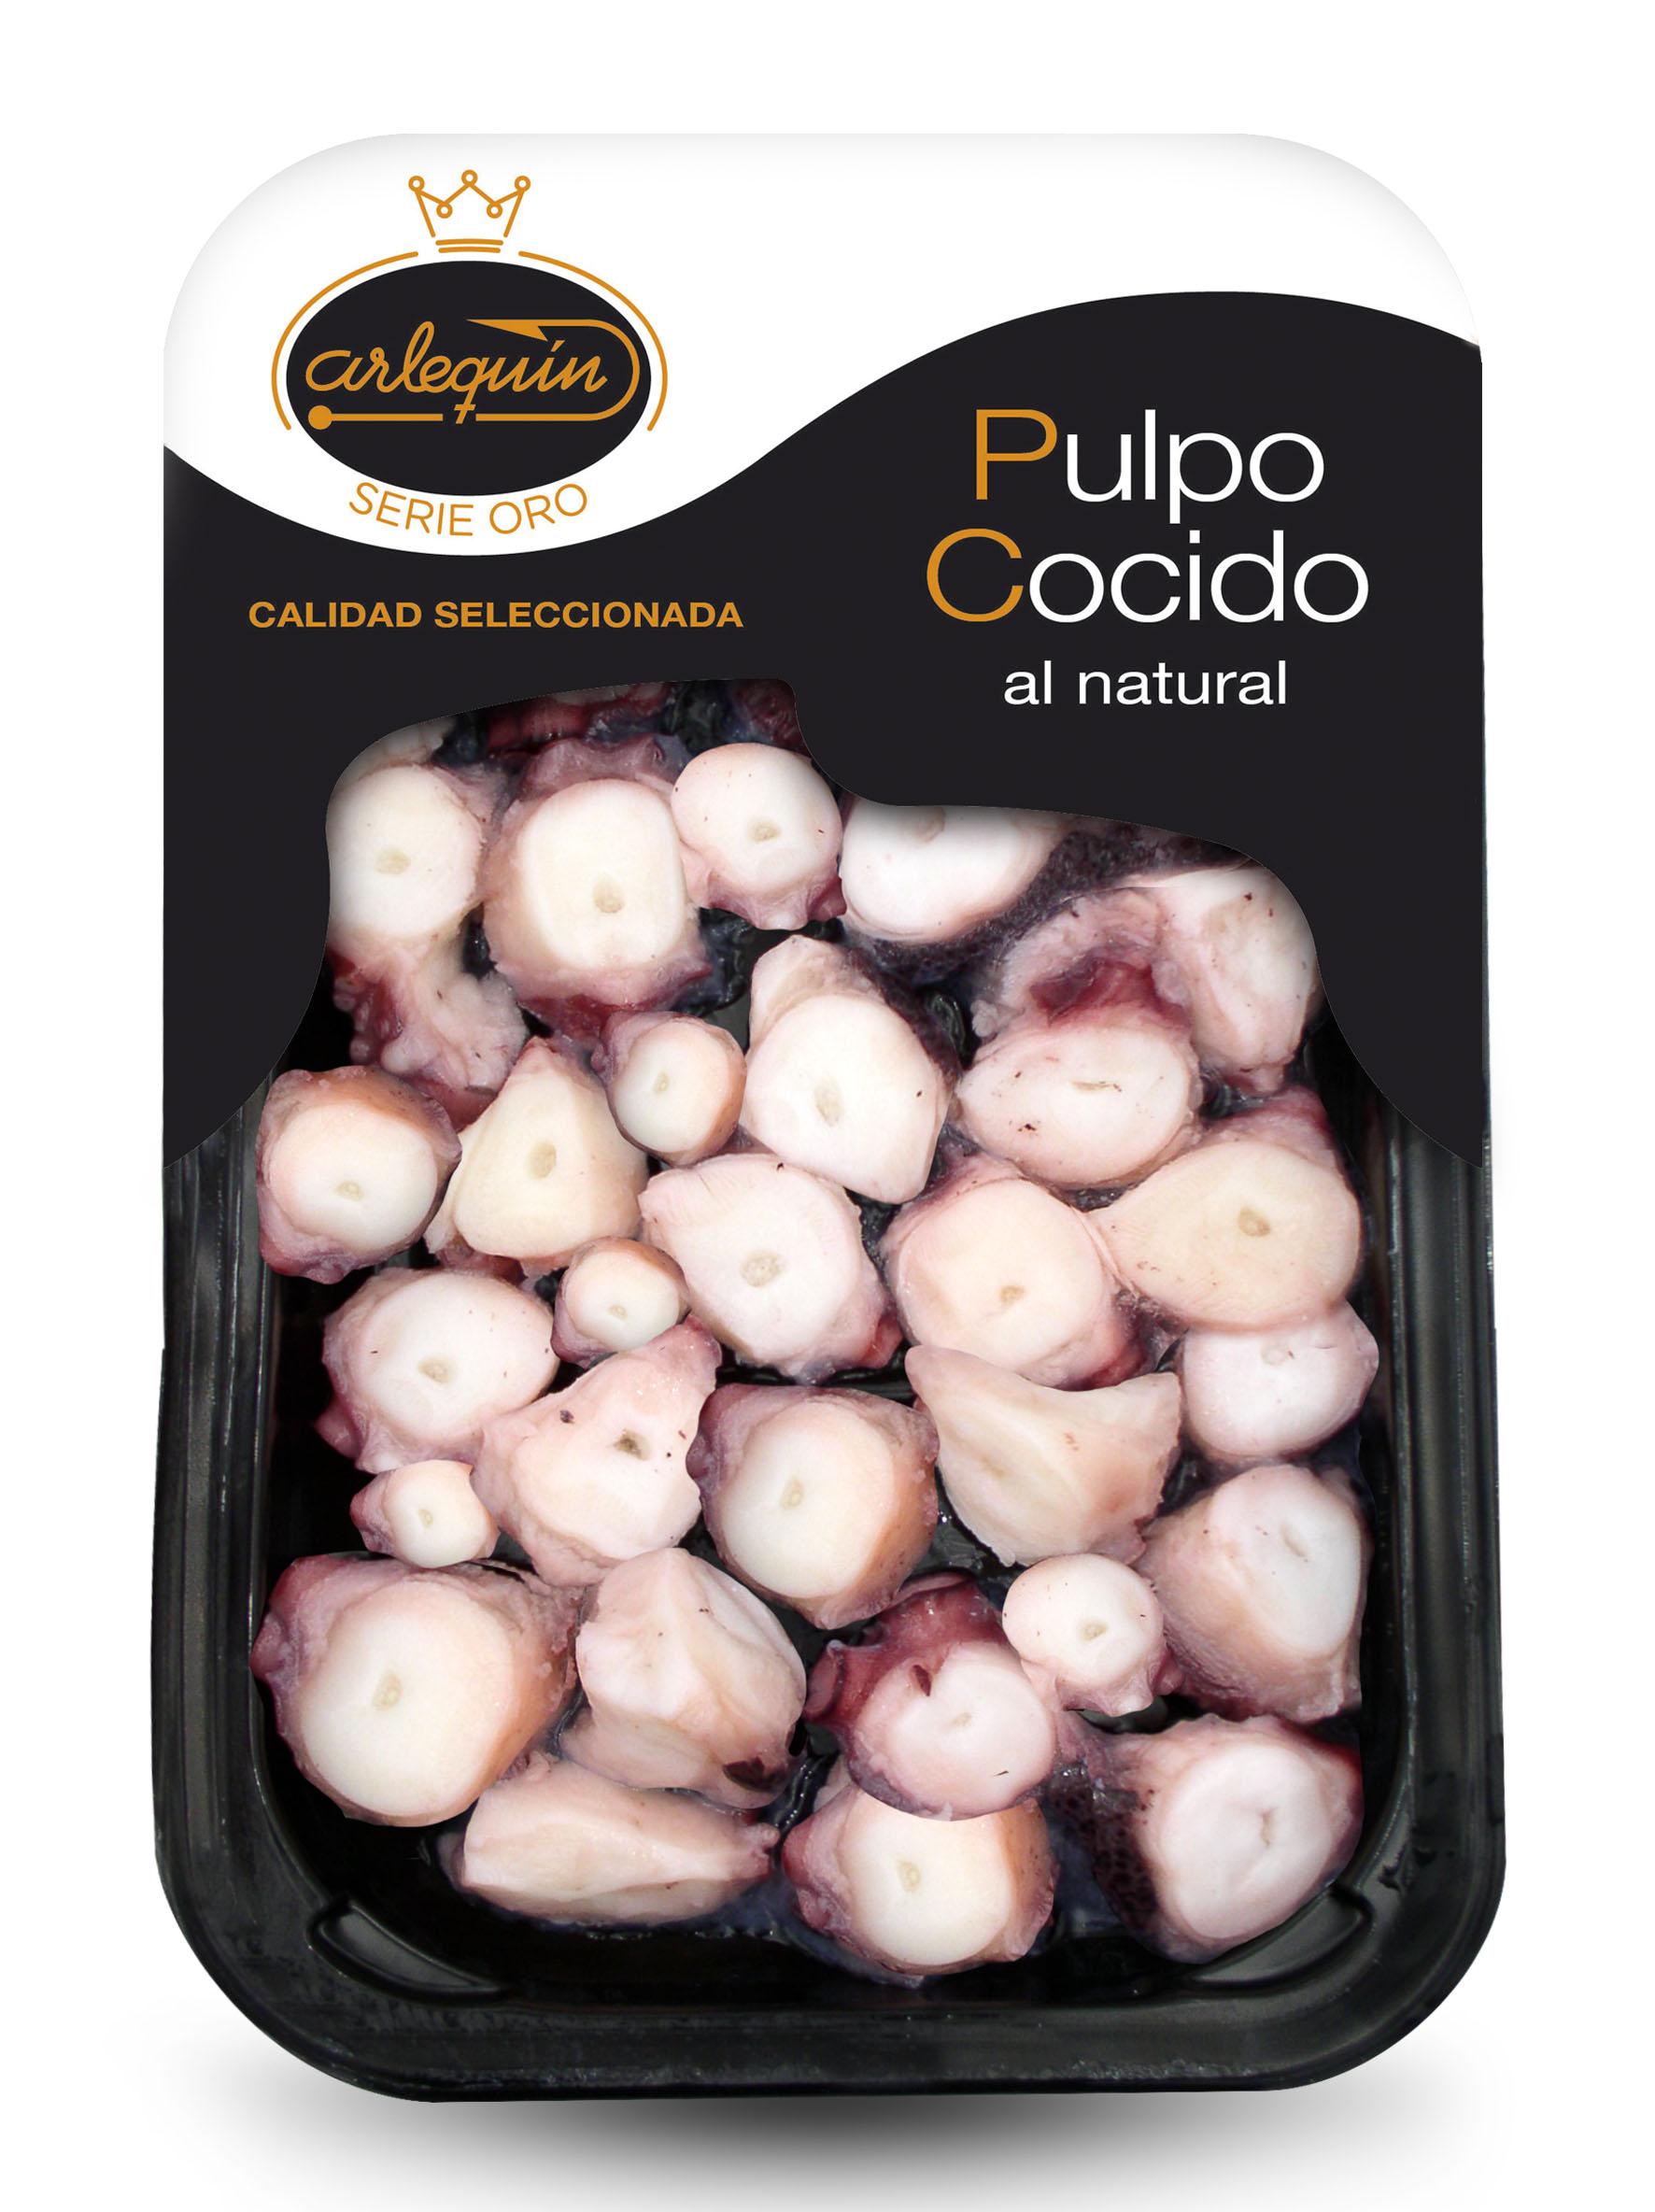 Pulpo cocido - Arlequín Serie Oro